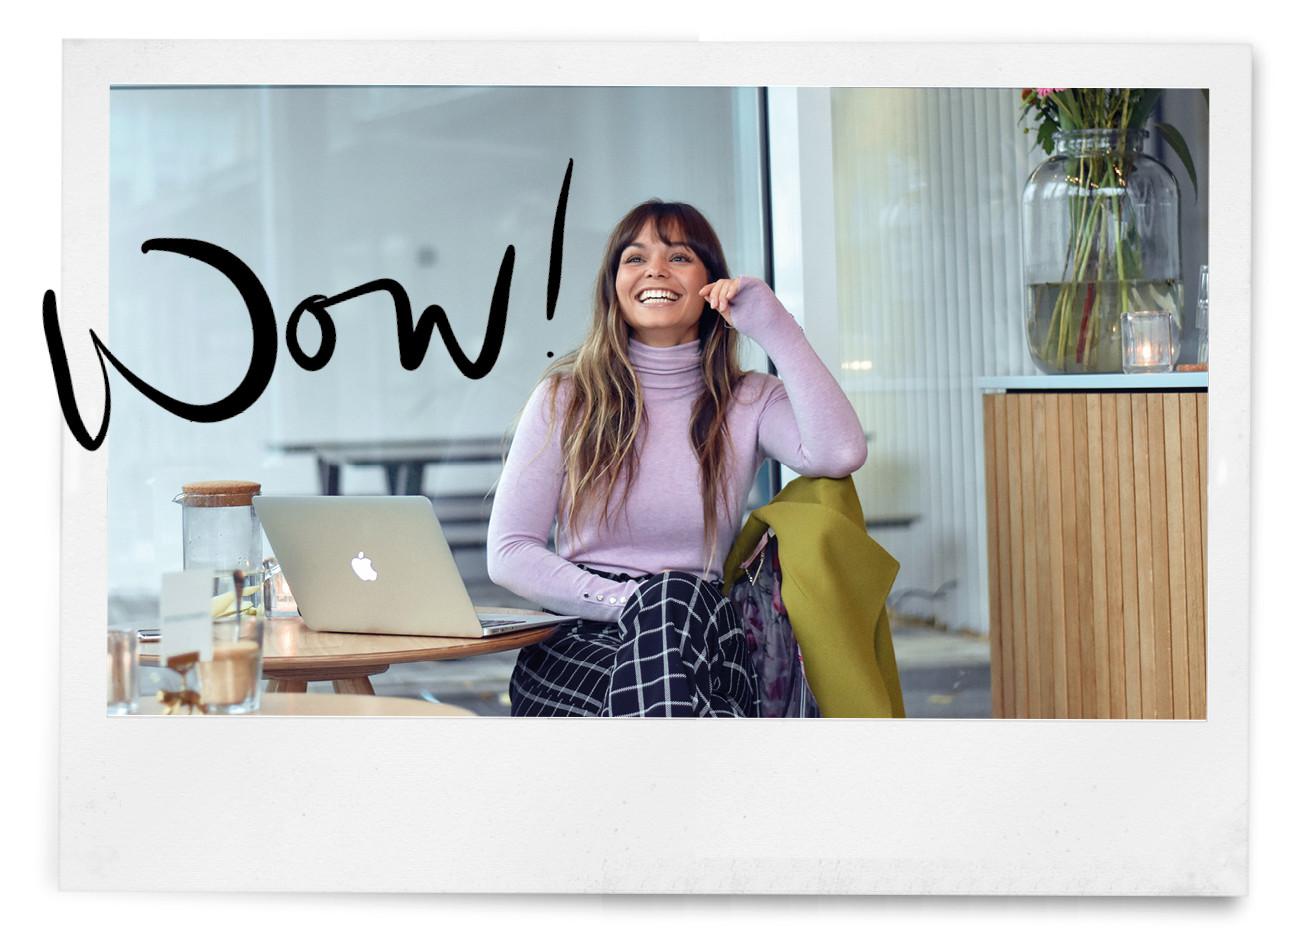 kiki lachend in coffee concepts achter haar laptop